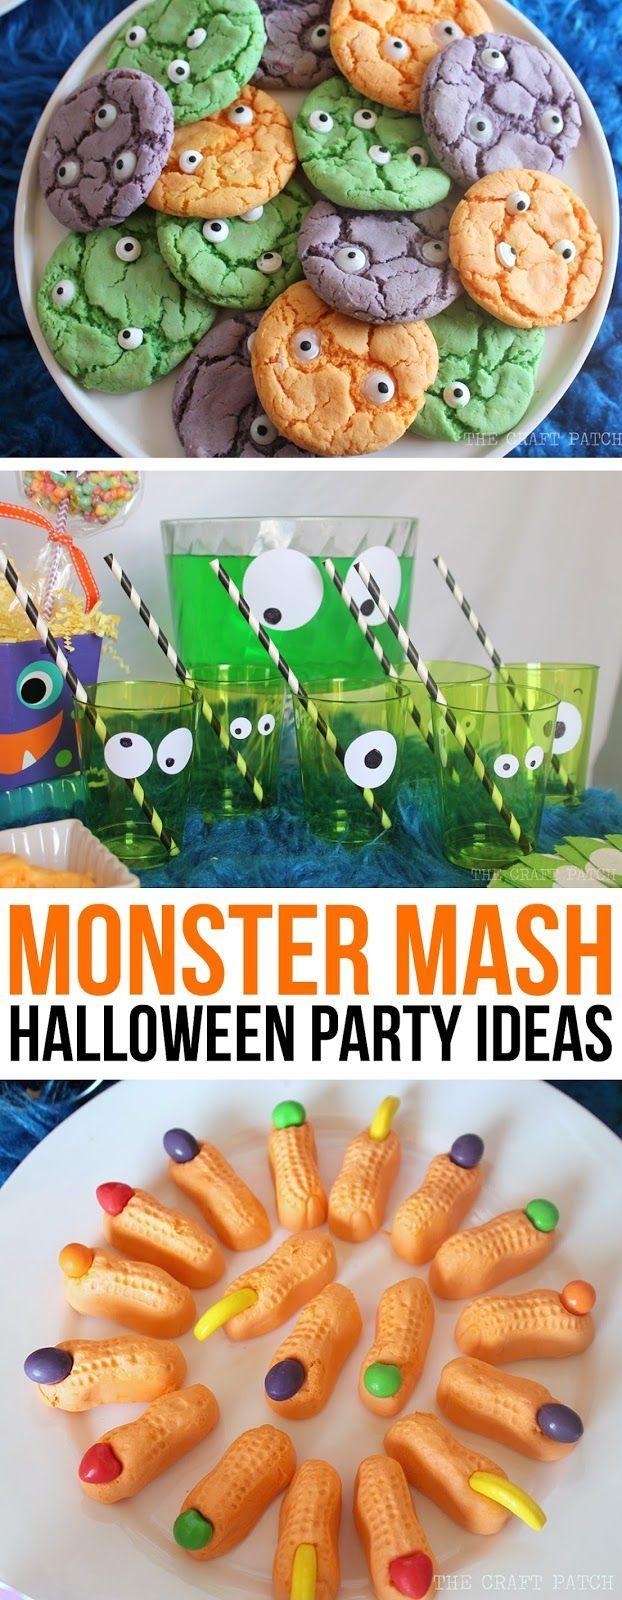 Best 25+ Monster mash ideas on Pinterest | Halloween party ideas ...